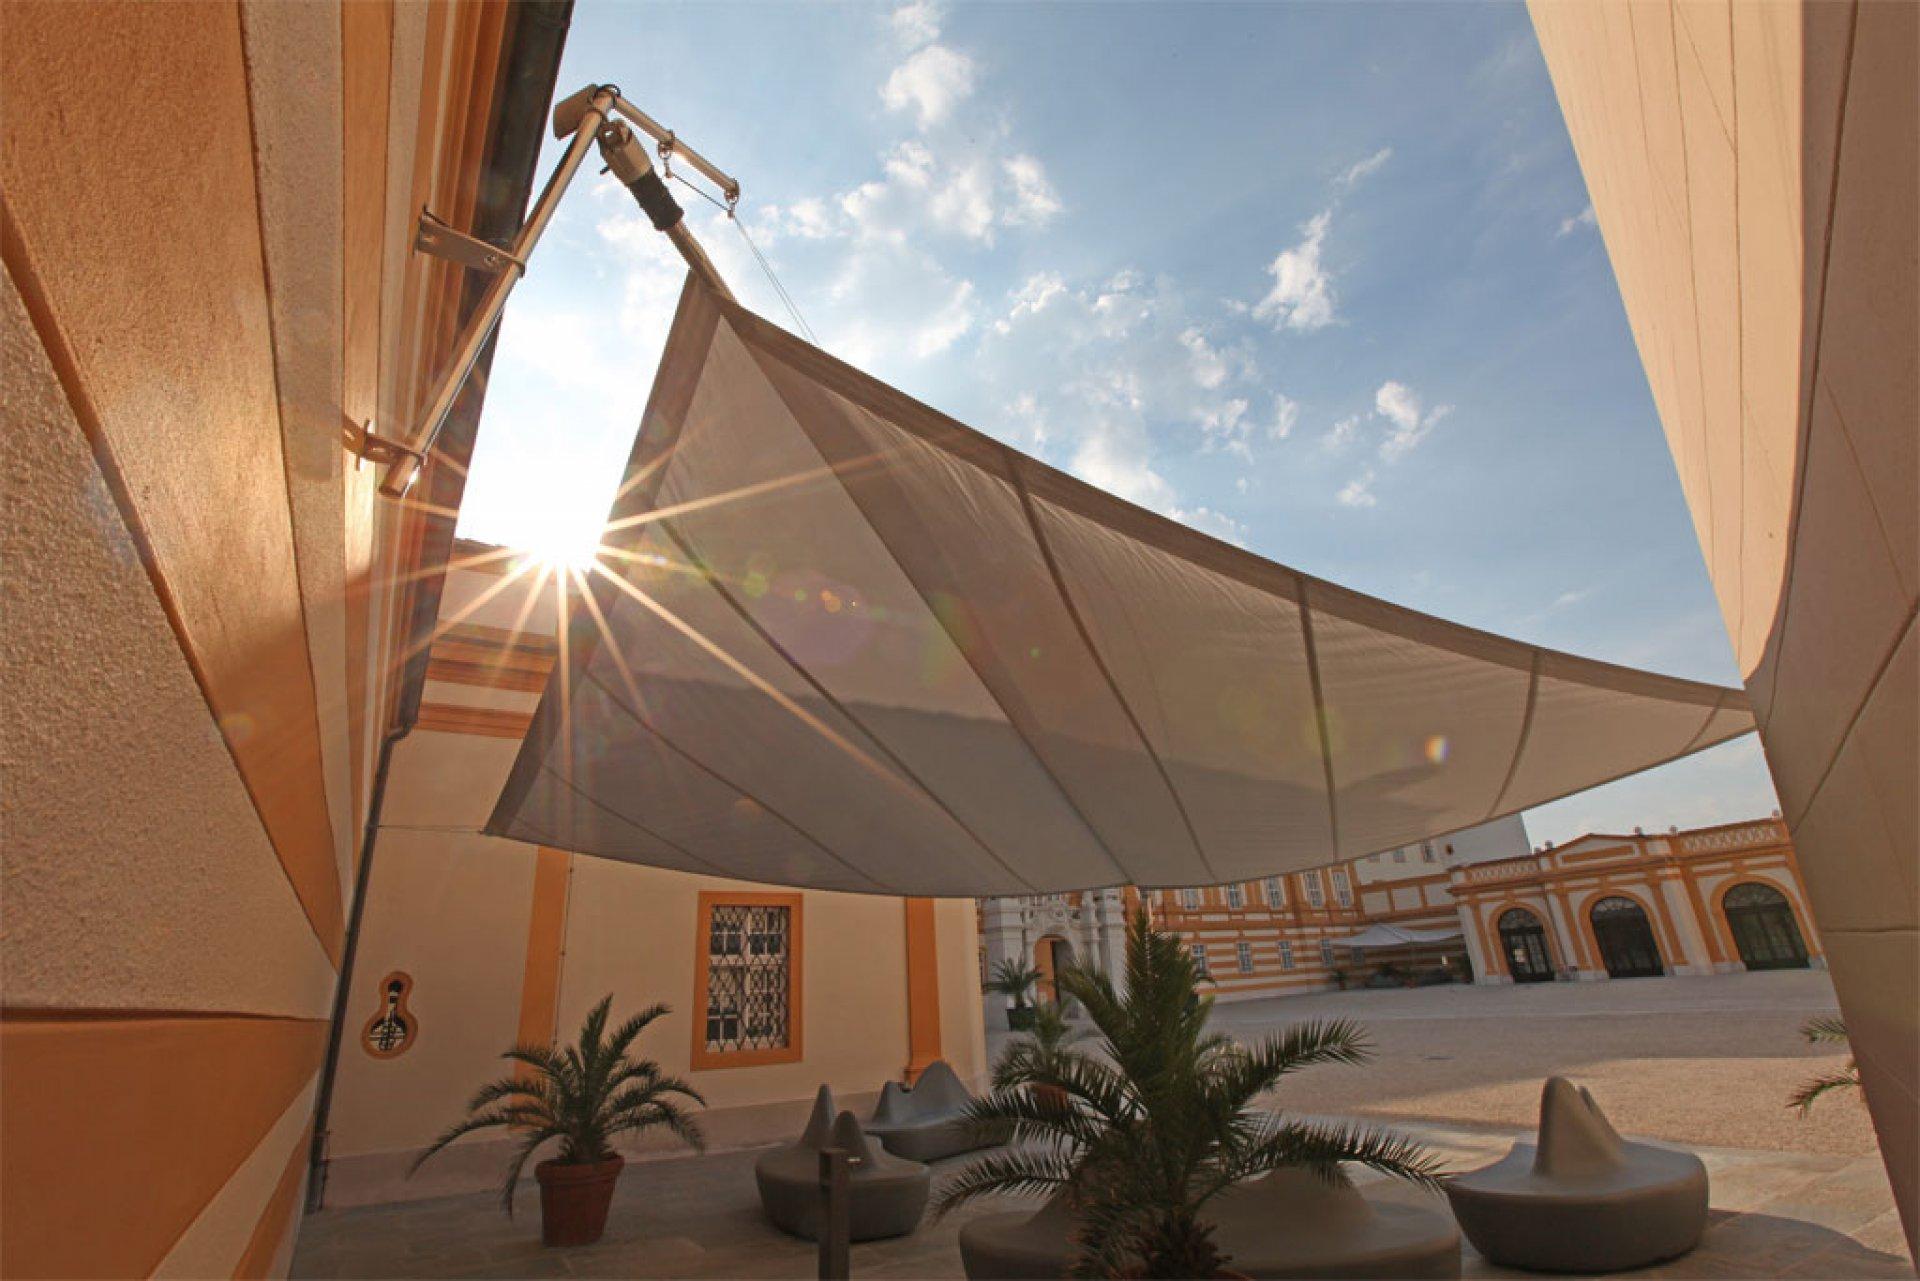 Sunsquare im Einklang mit denkmalgeschützten Gebäuden.